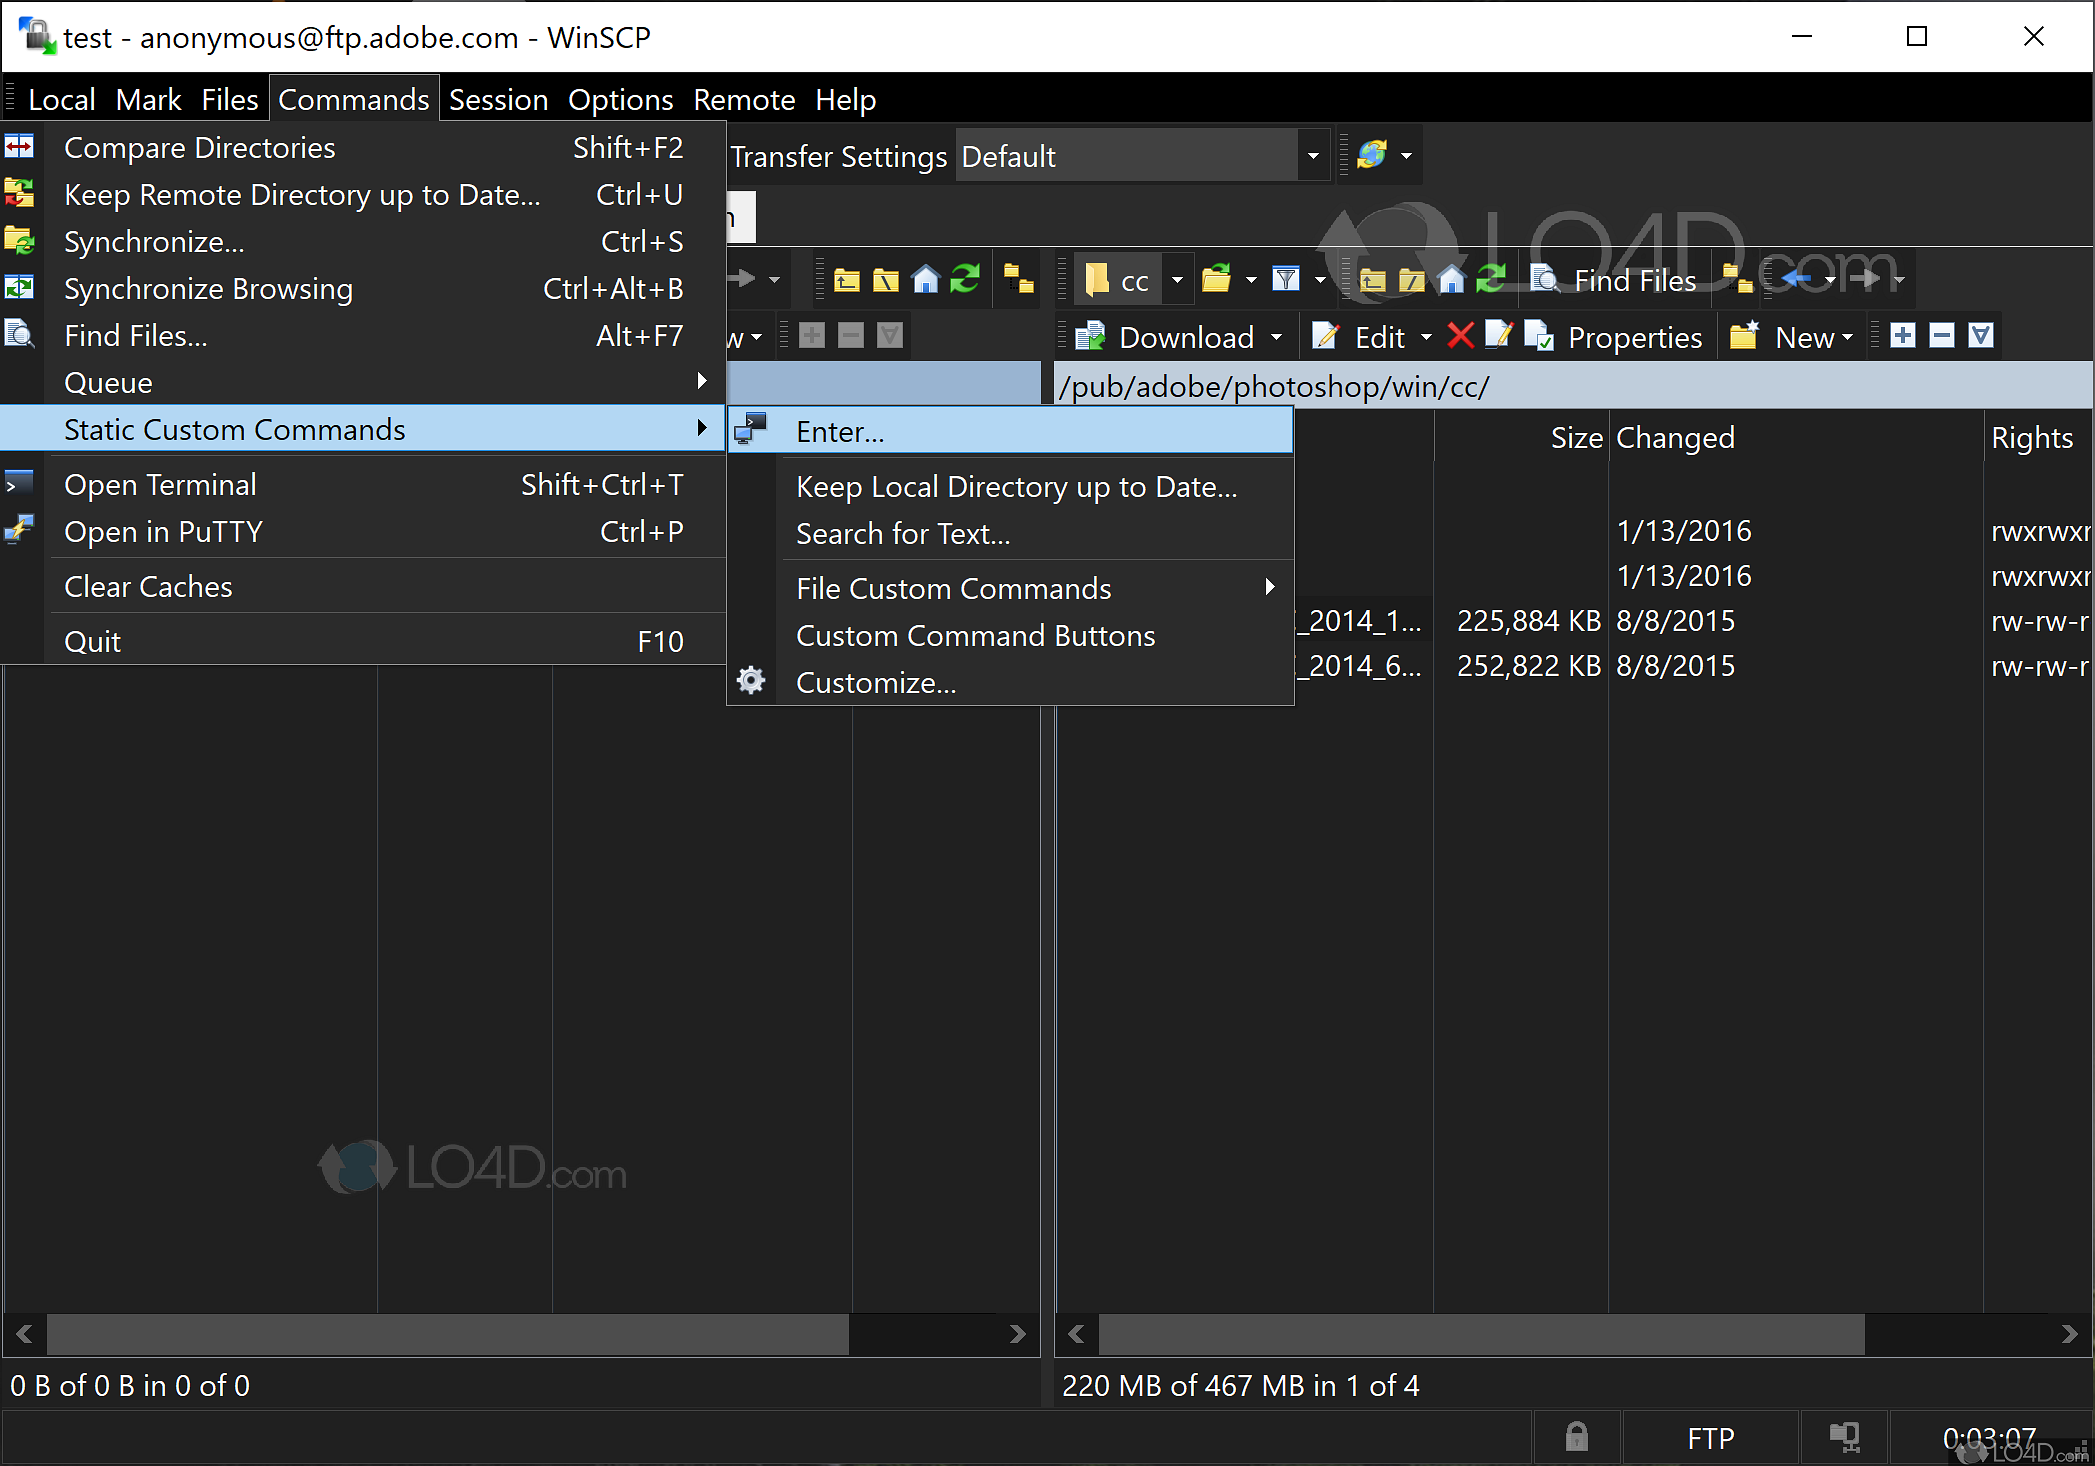 WinSCP - Screenshots